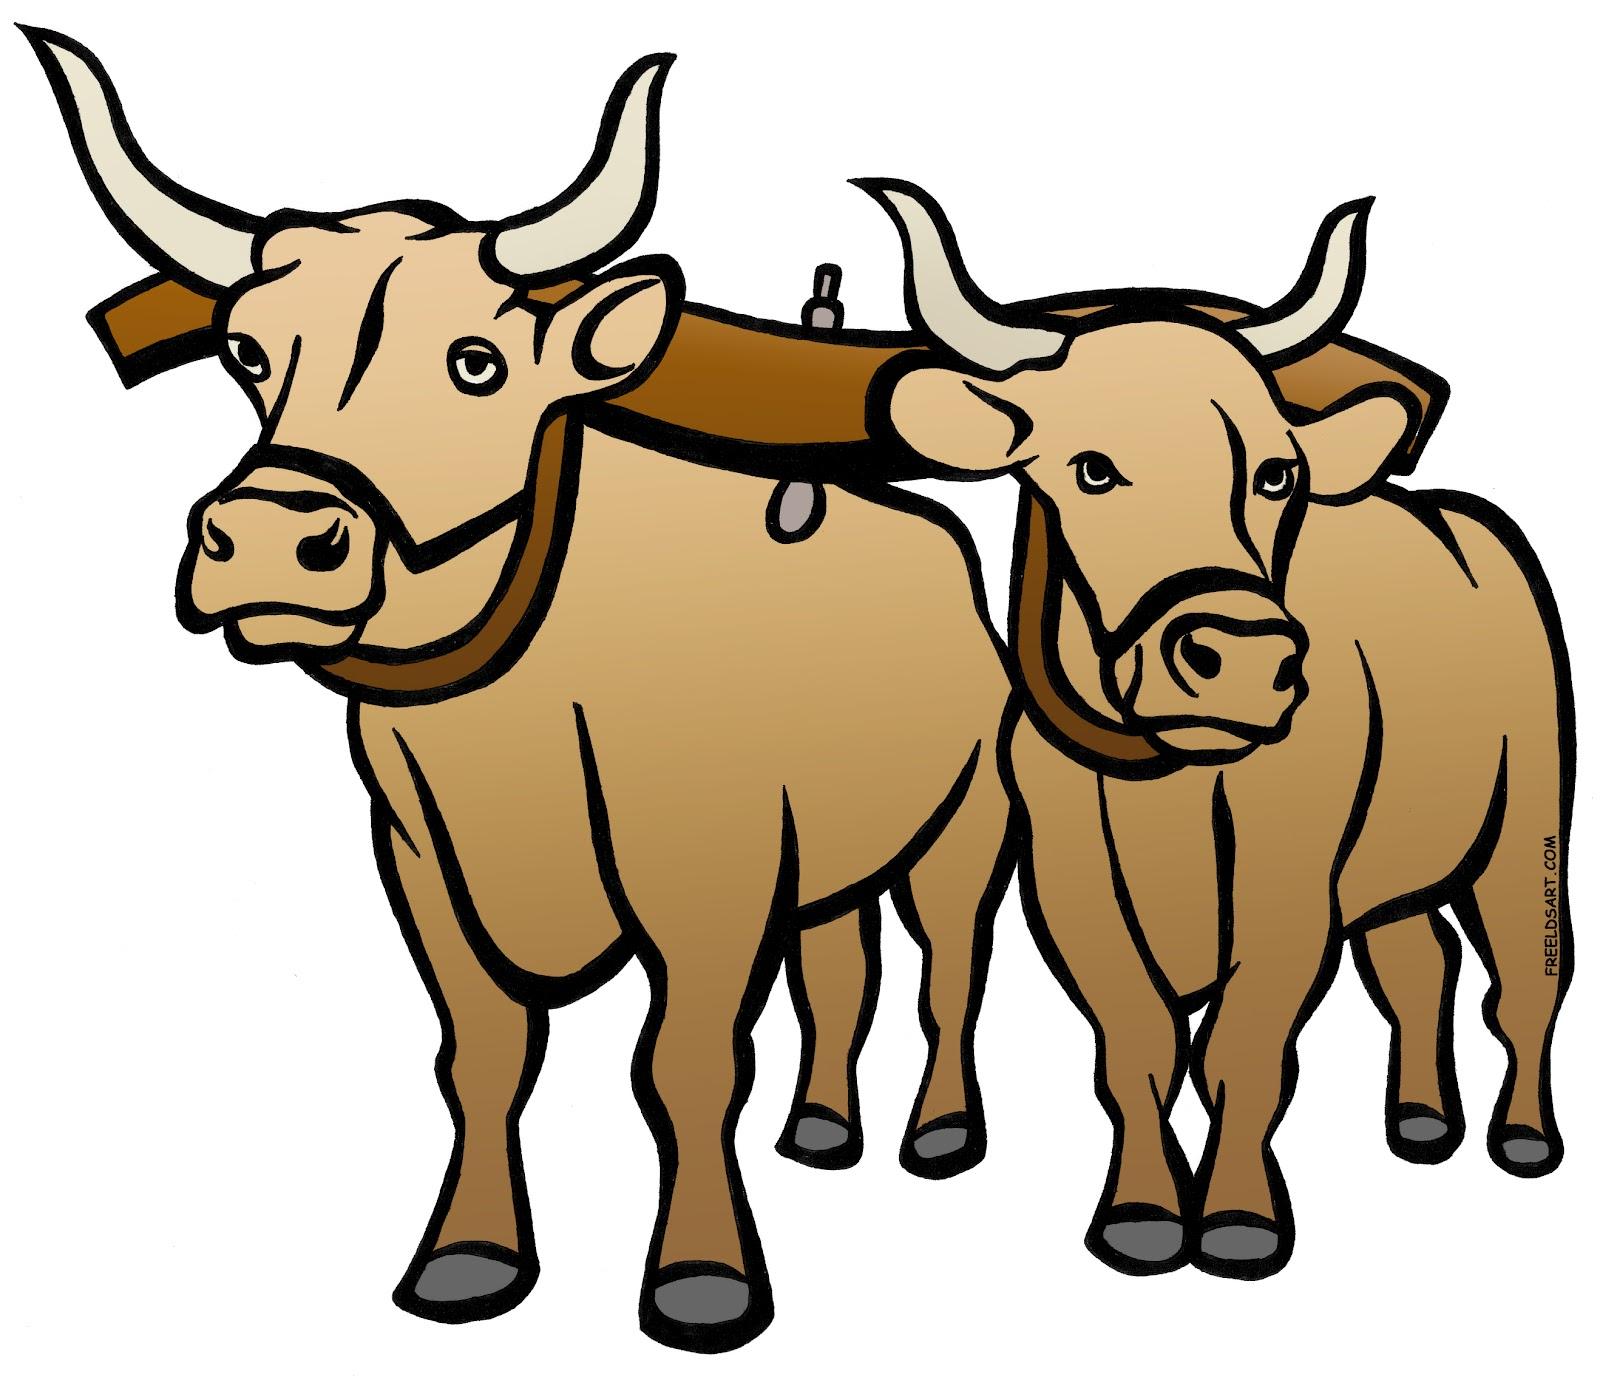 Oxen Yoke drawing free image download